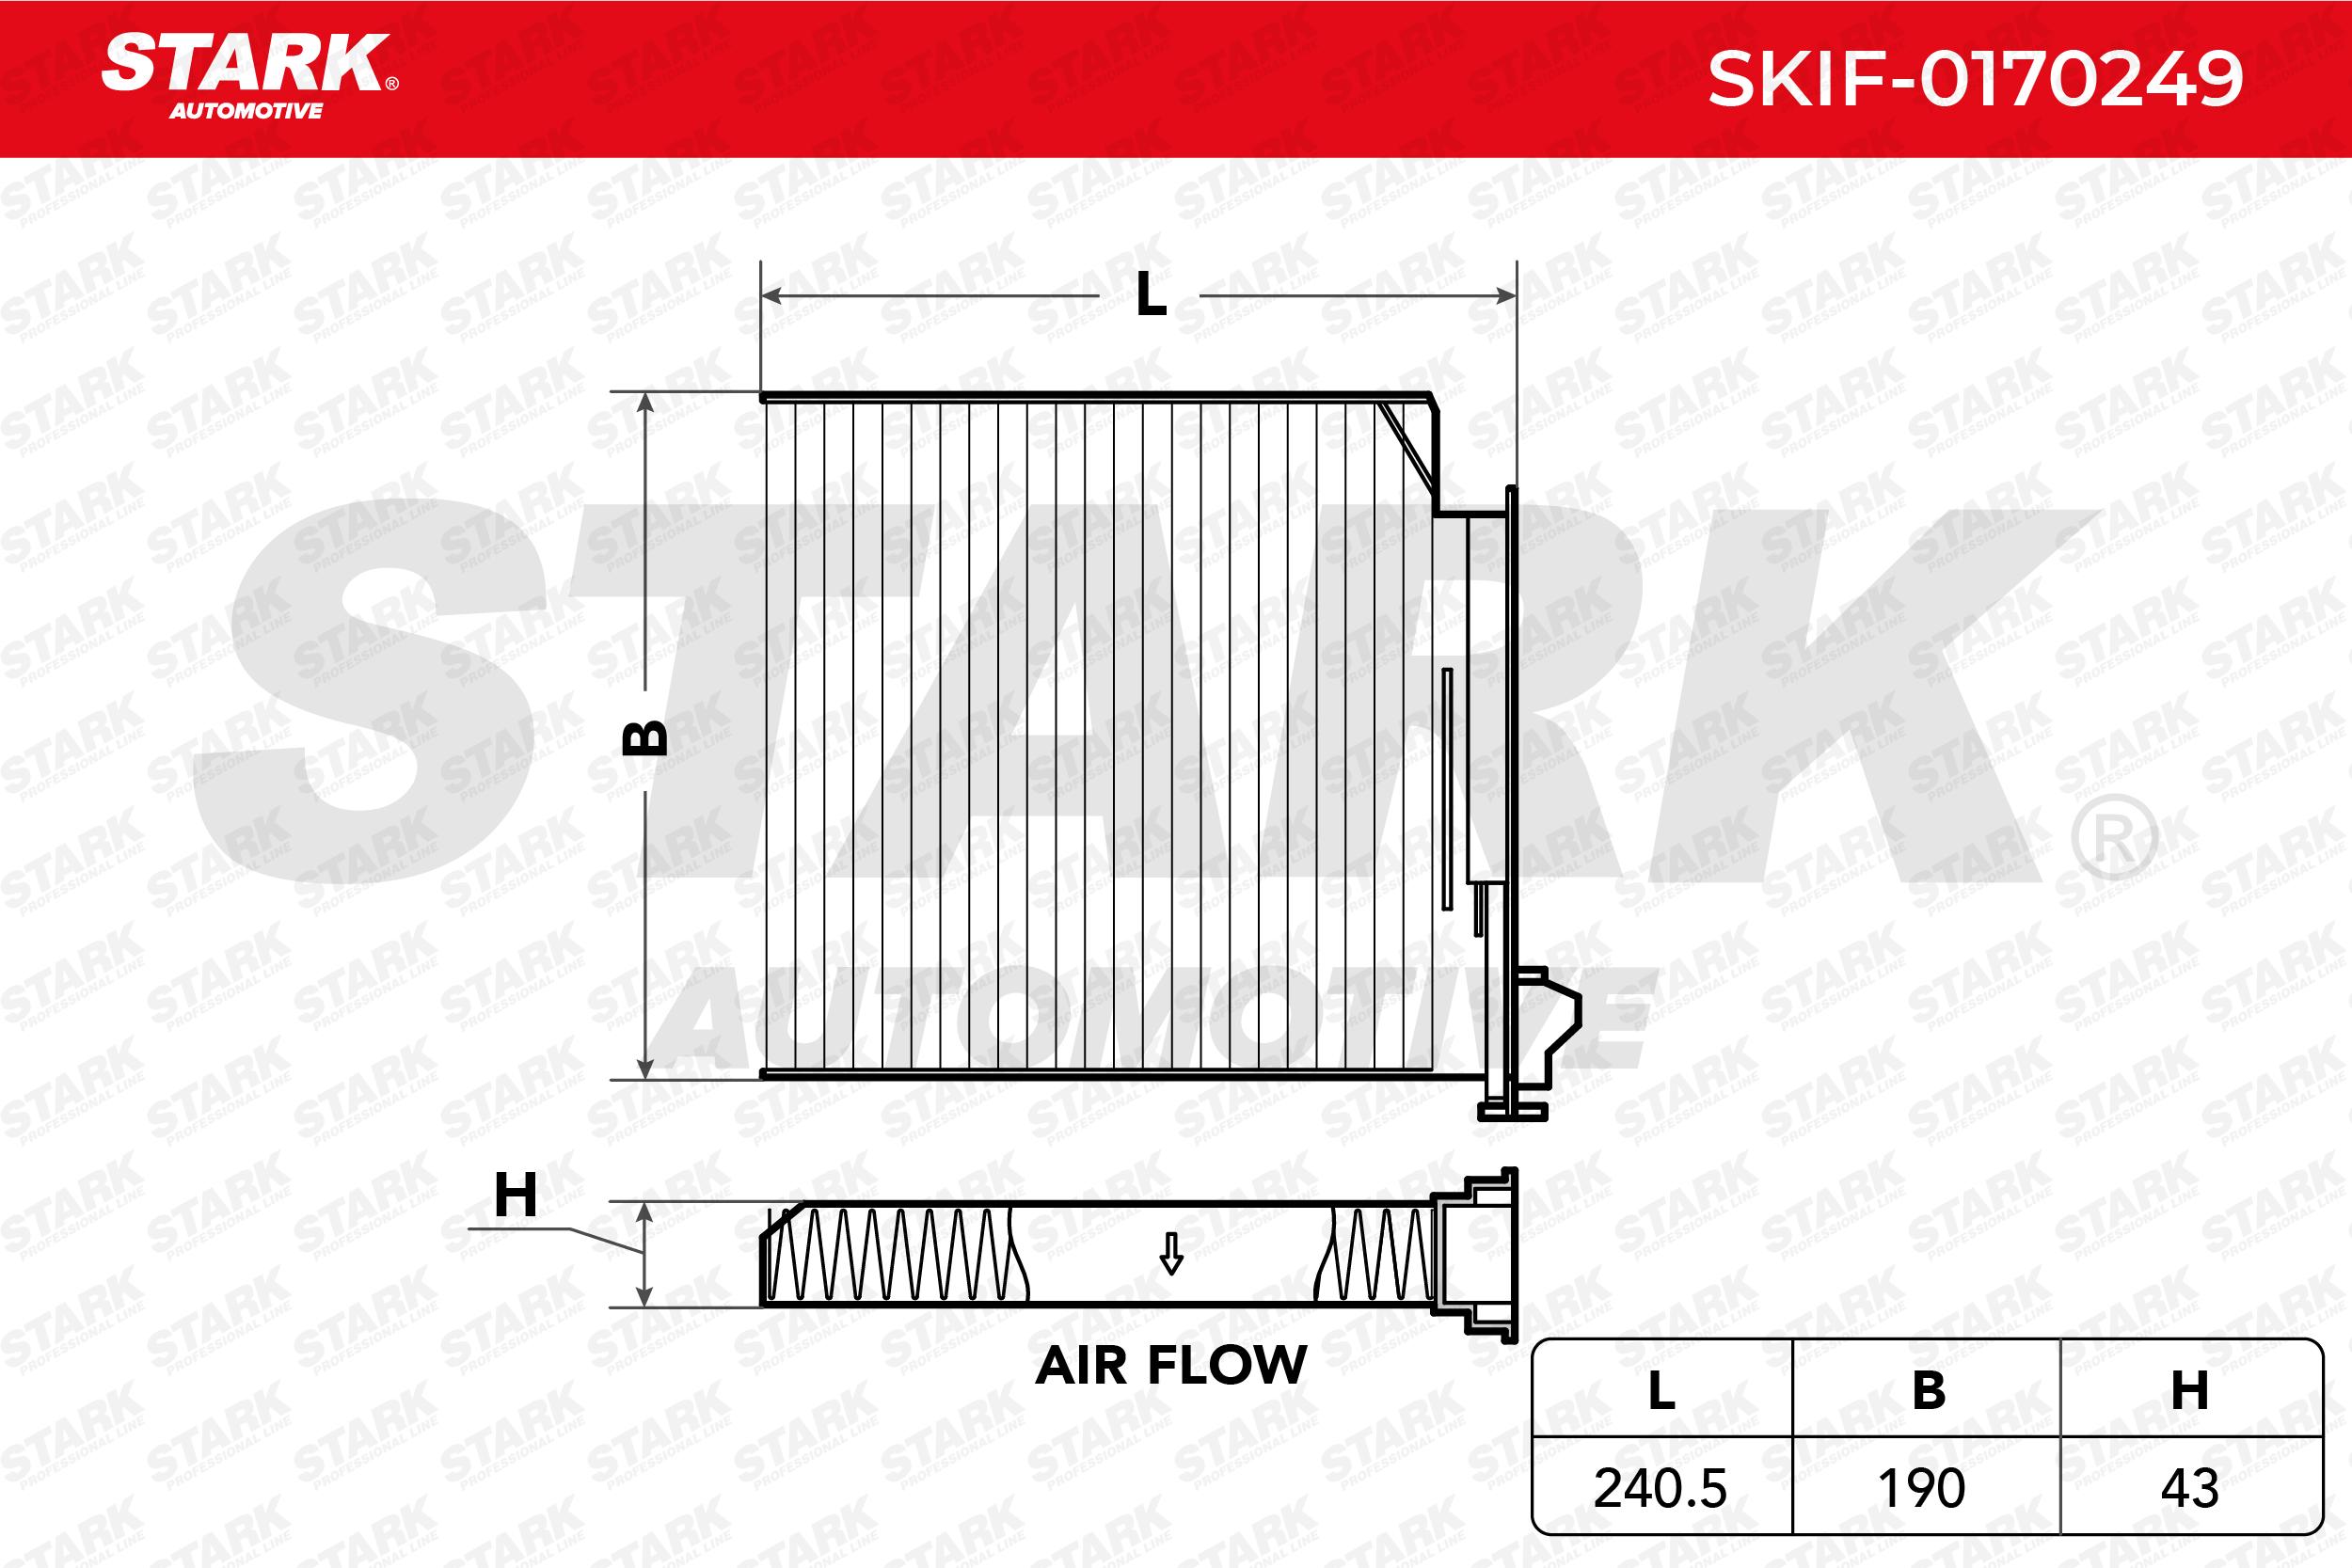 Achetez Filtre d'habitacle STARK SKIF-0170249 (Largeur: 190.0mm, Hauteur: 43.0mm) à un rapport qualité-prix exceptionnel